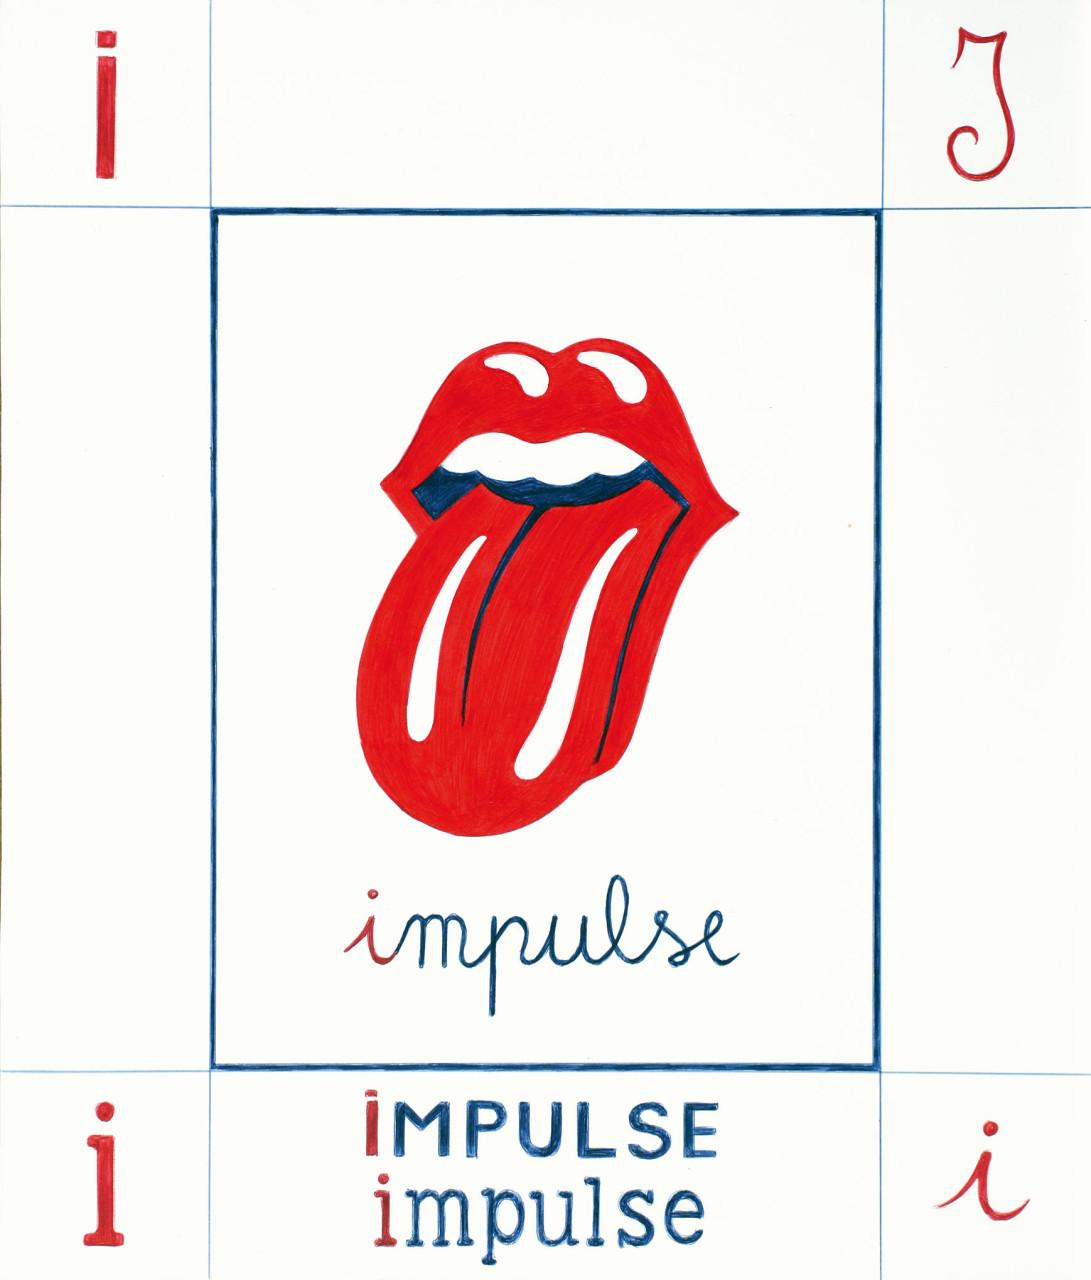 09I-impulse_bassa